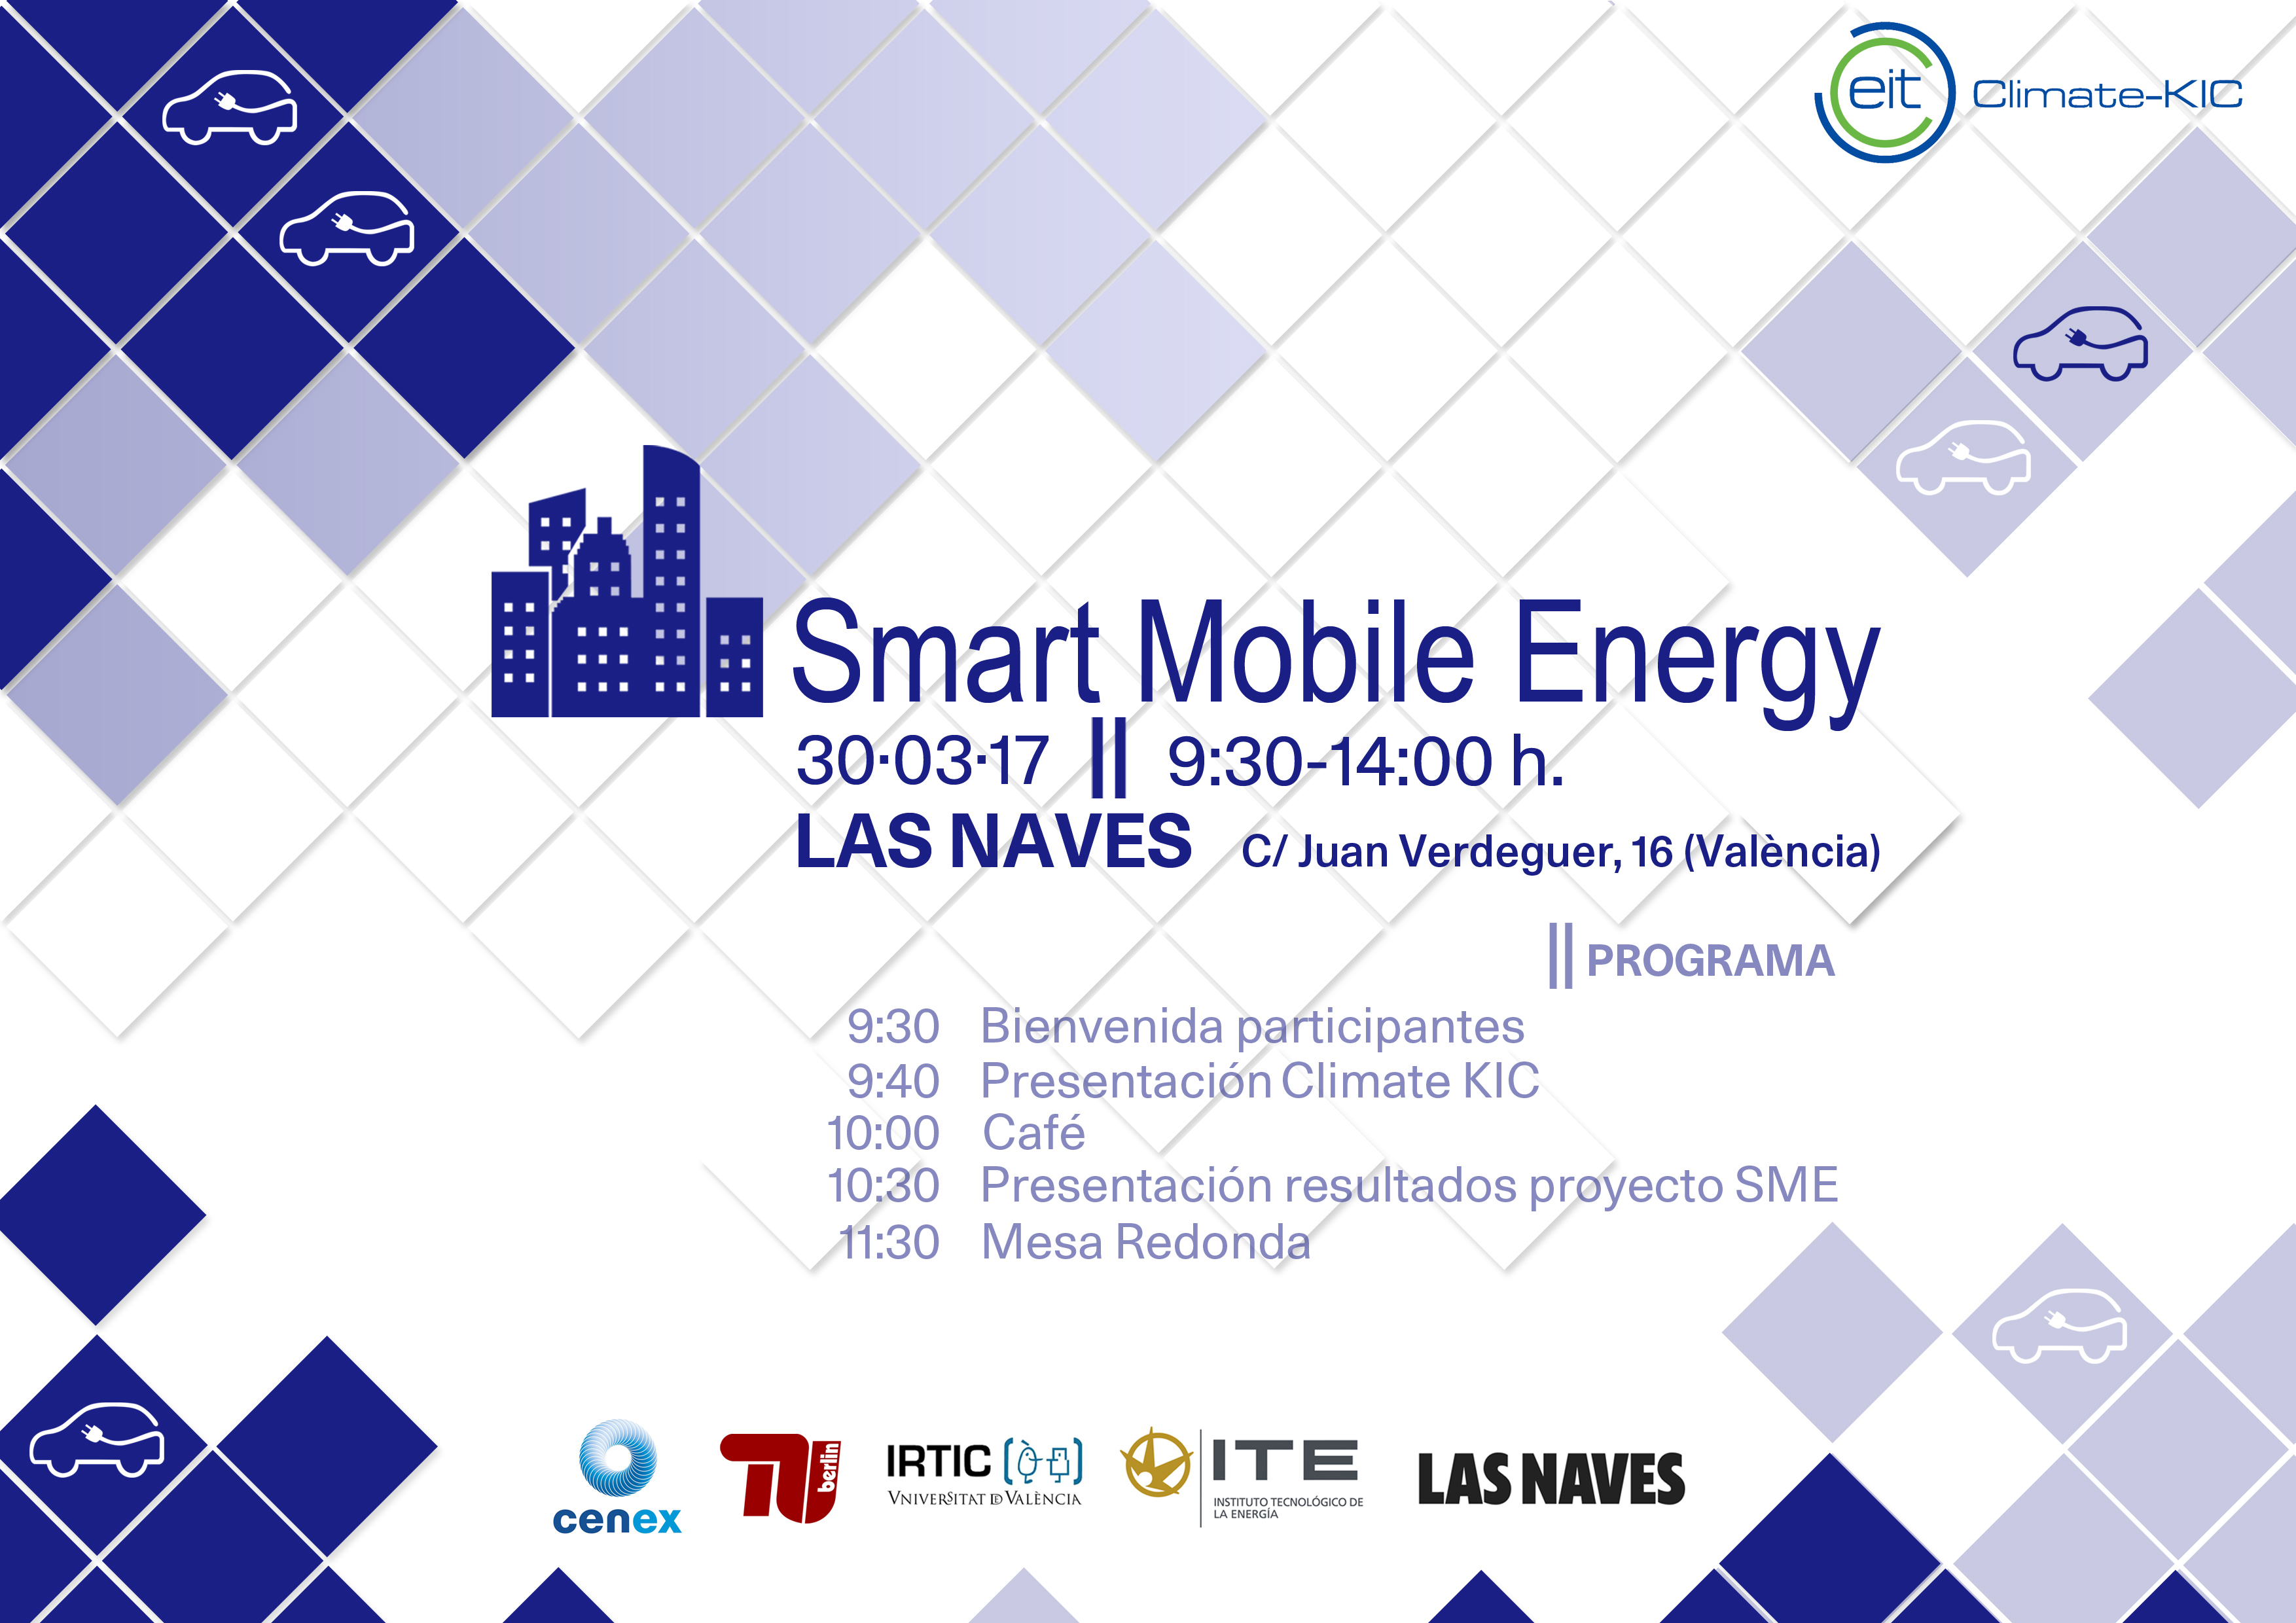 Smart Mobie Energy (SME) - Programa